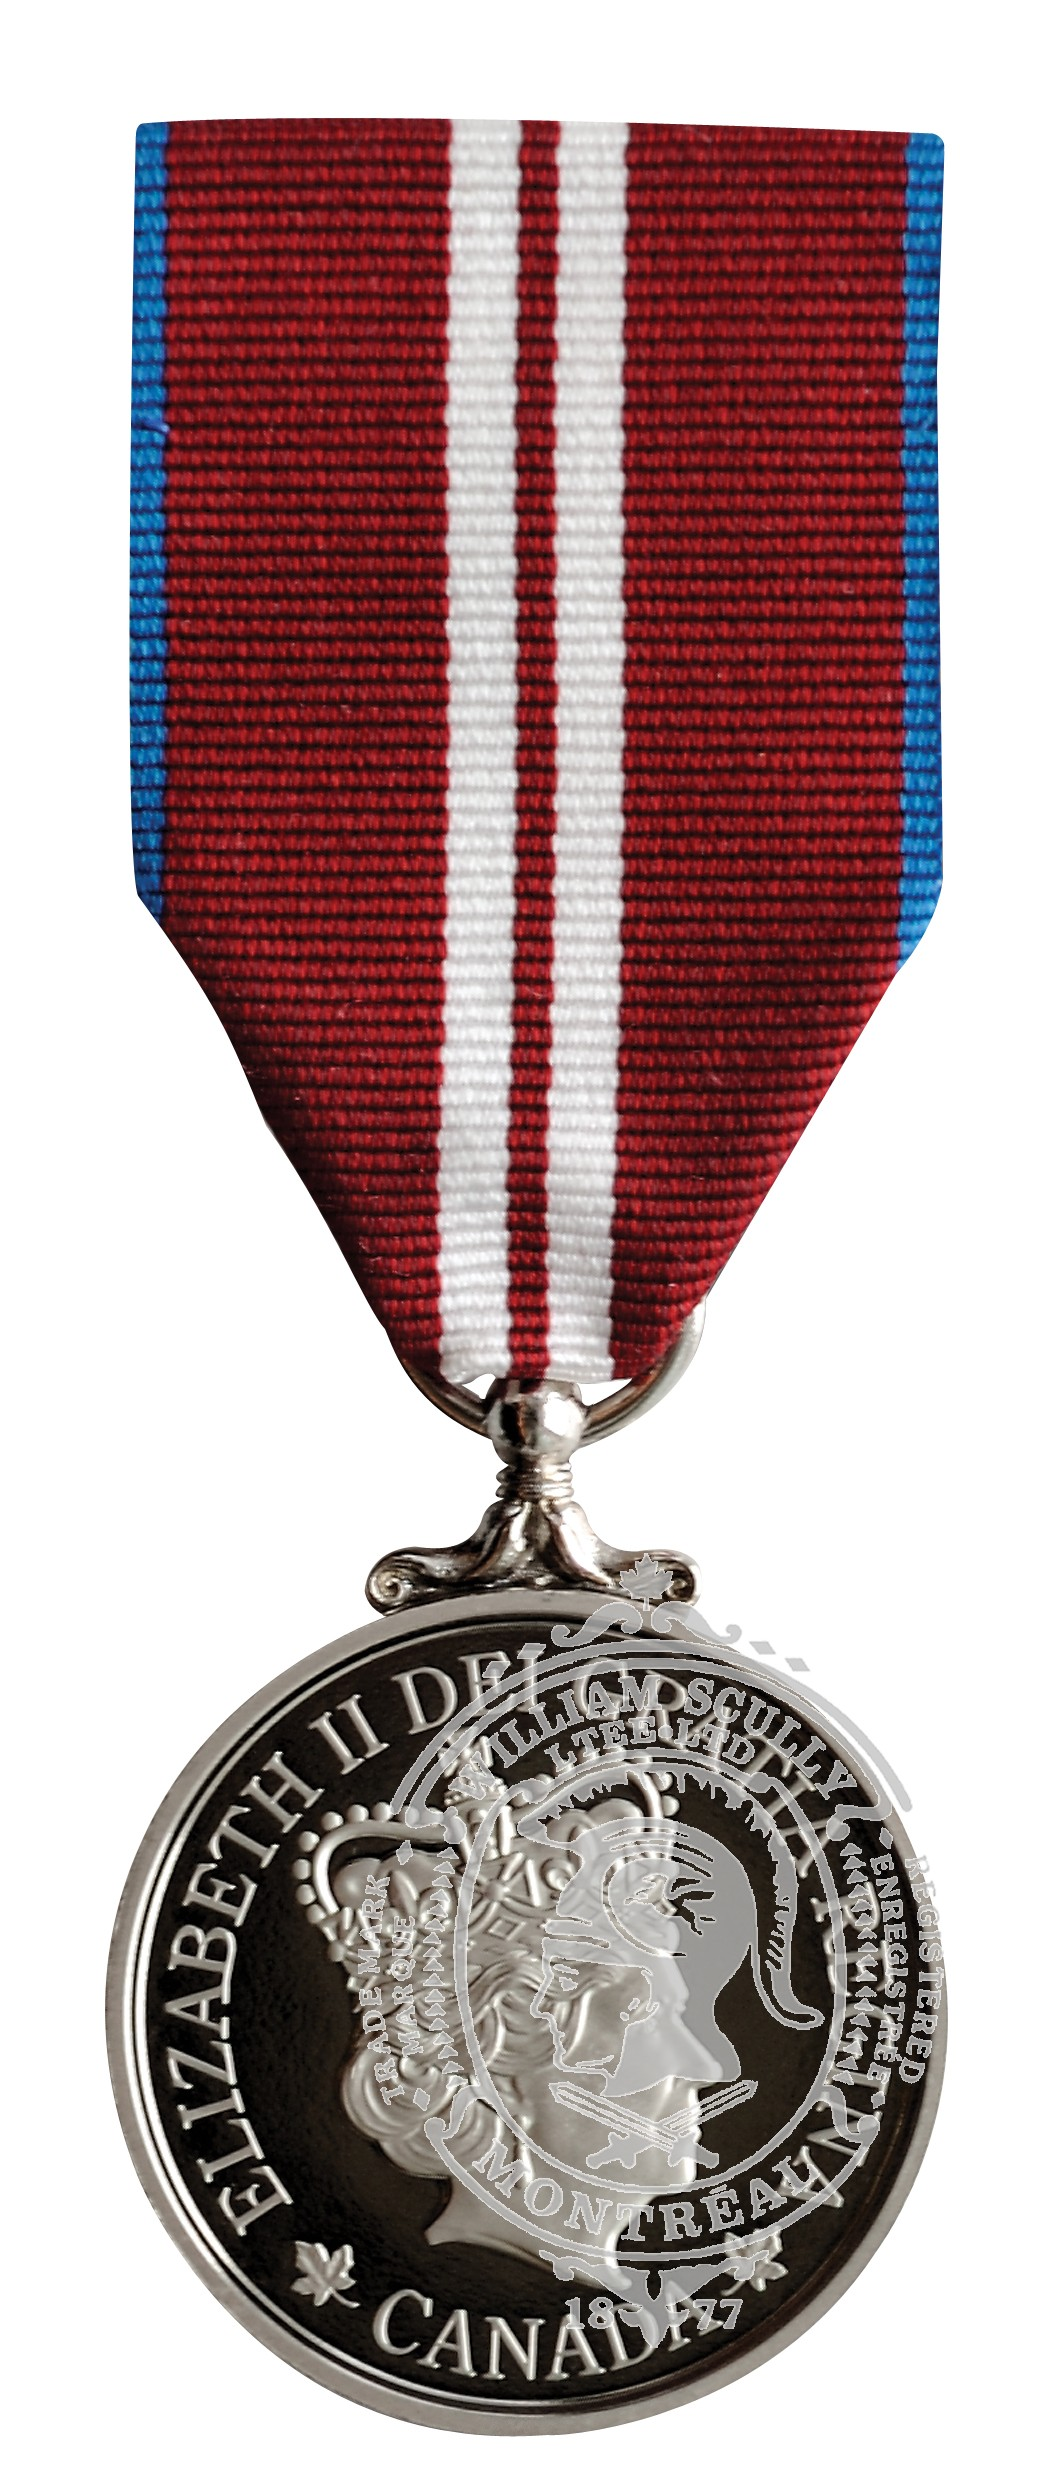 Médaille Jubilé de la Reine Elizabeth II (2012)